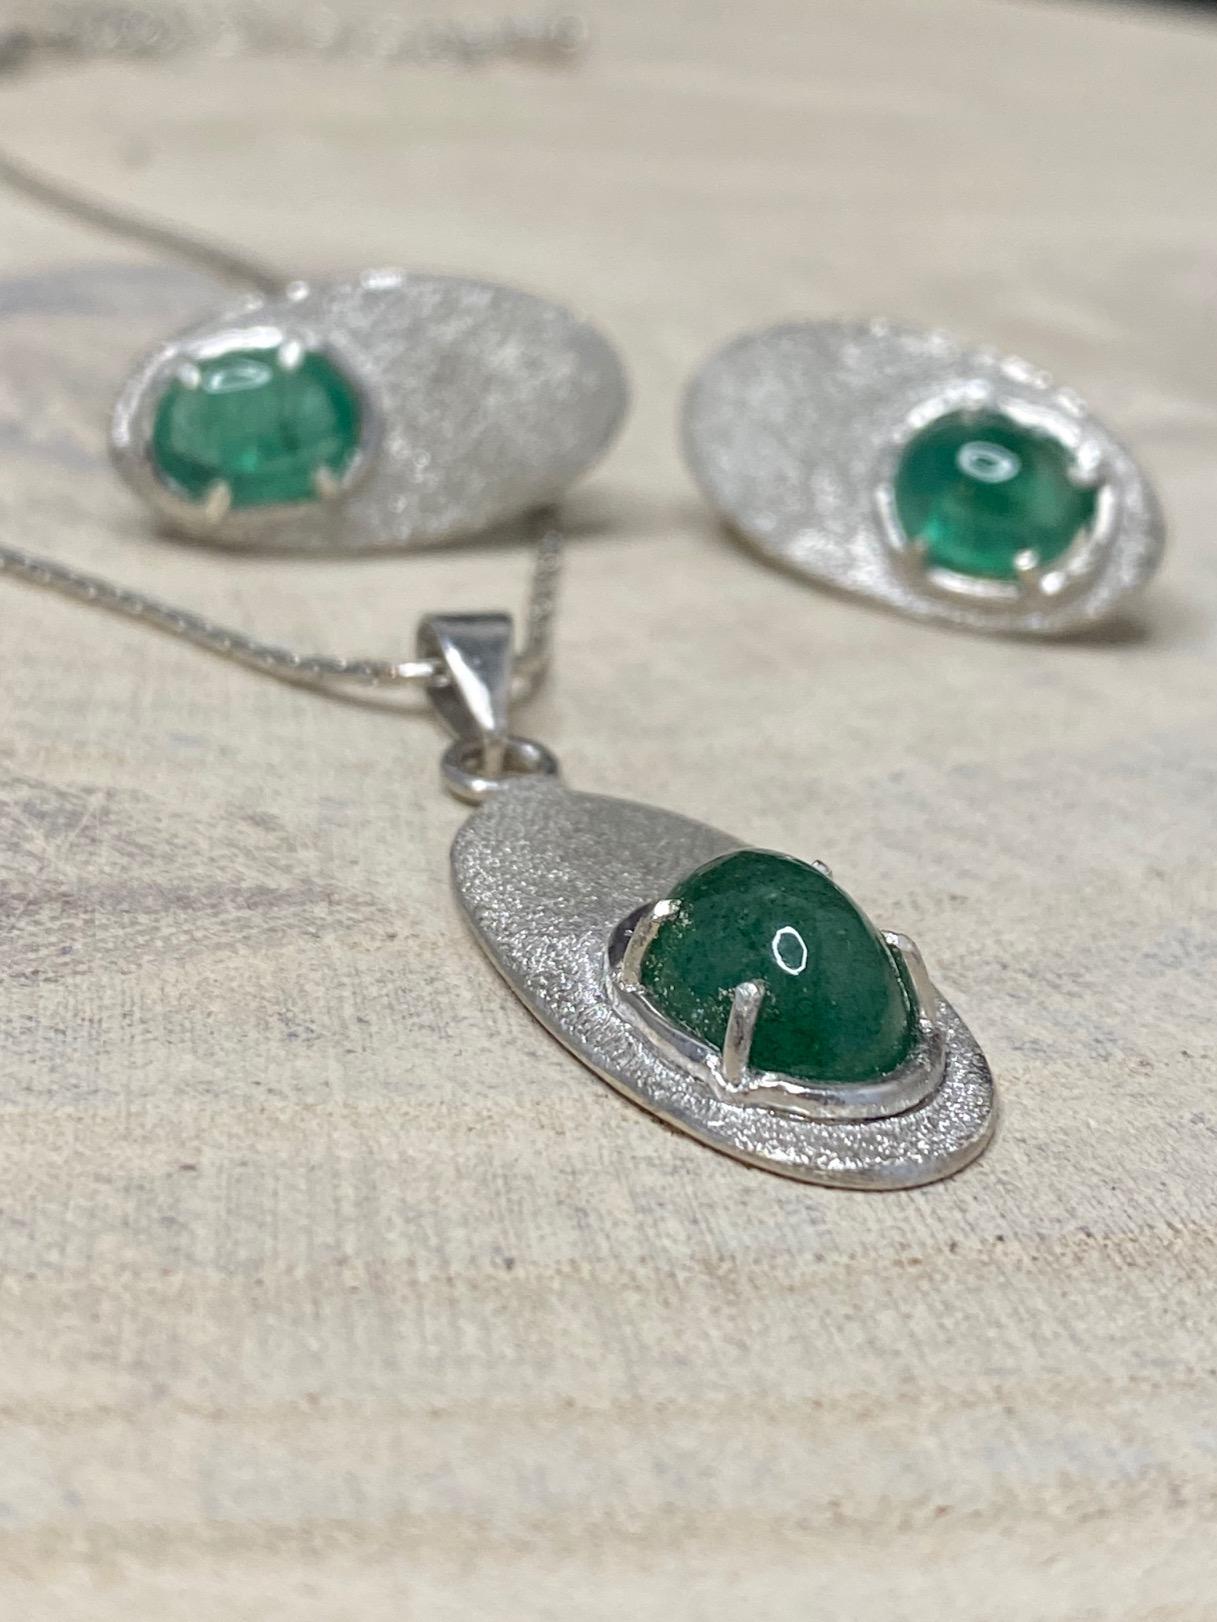 JUST'IN JEWELS artisan certifié réalise vos bijoux émotions, vos bijoux envies tels cette parure collier et boucles d'oreille argent avec émeraude.